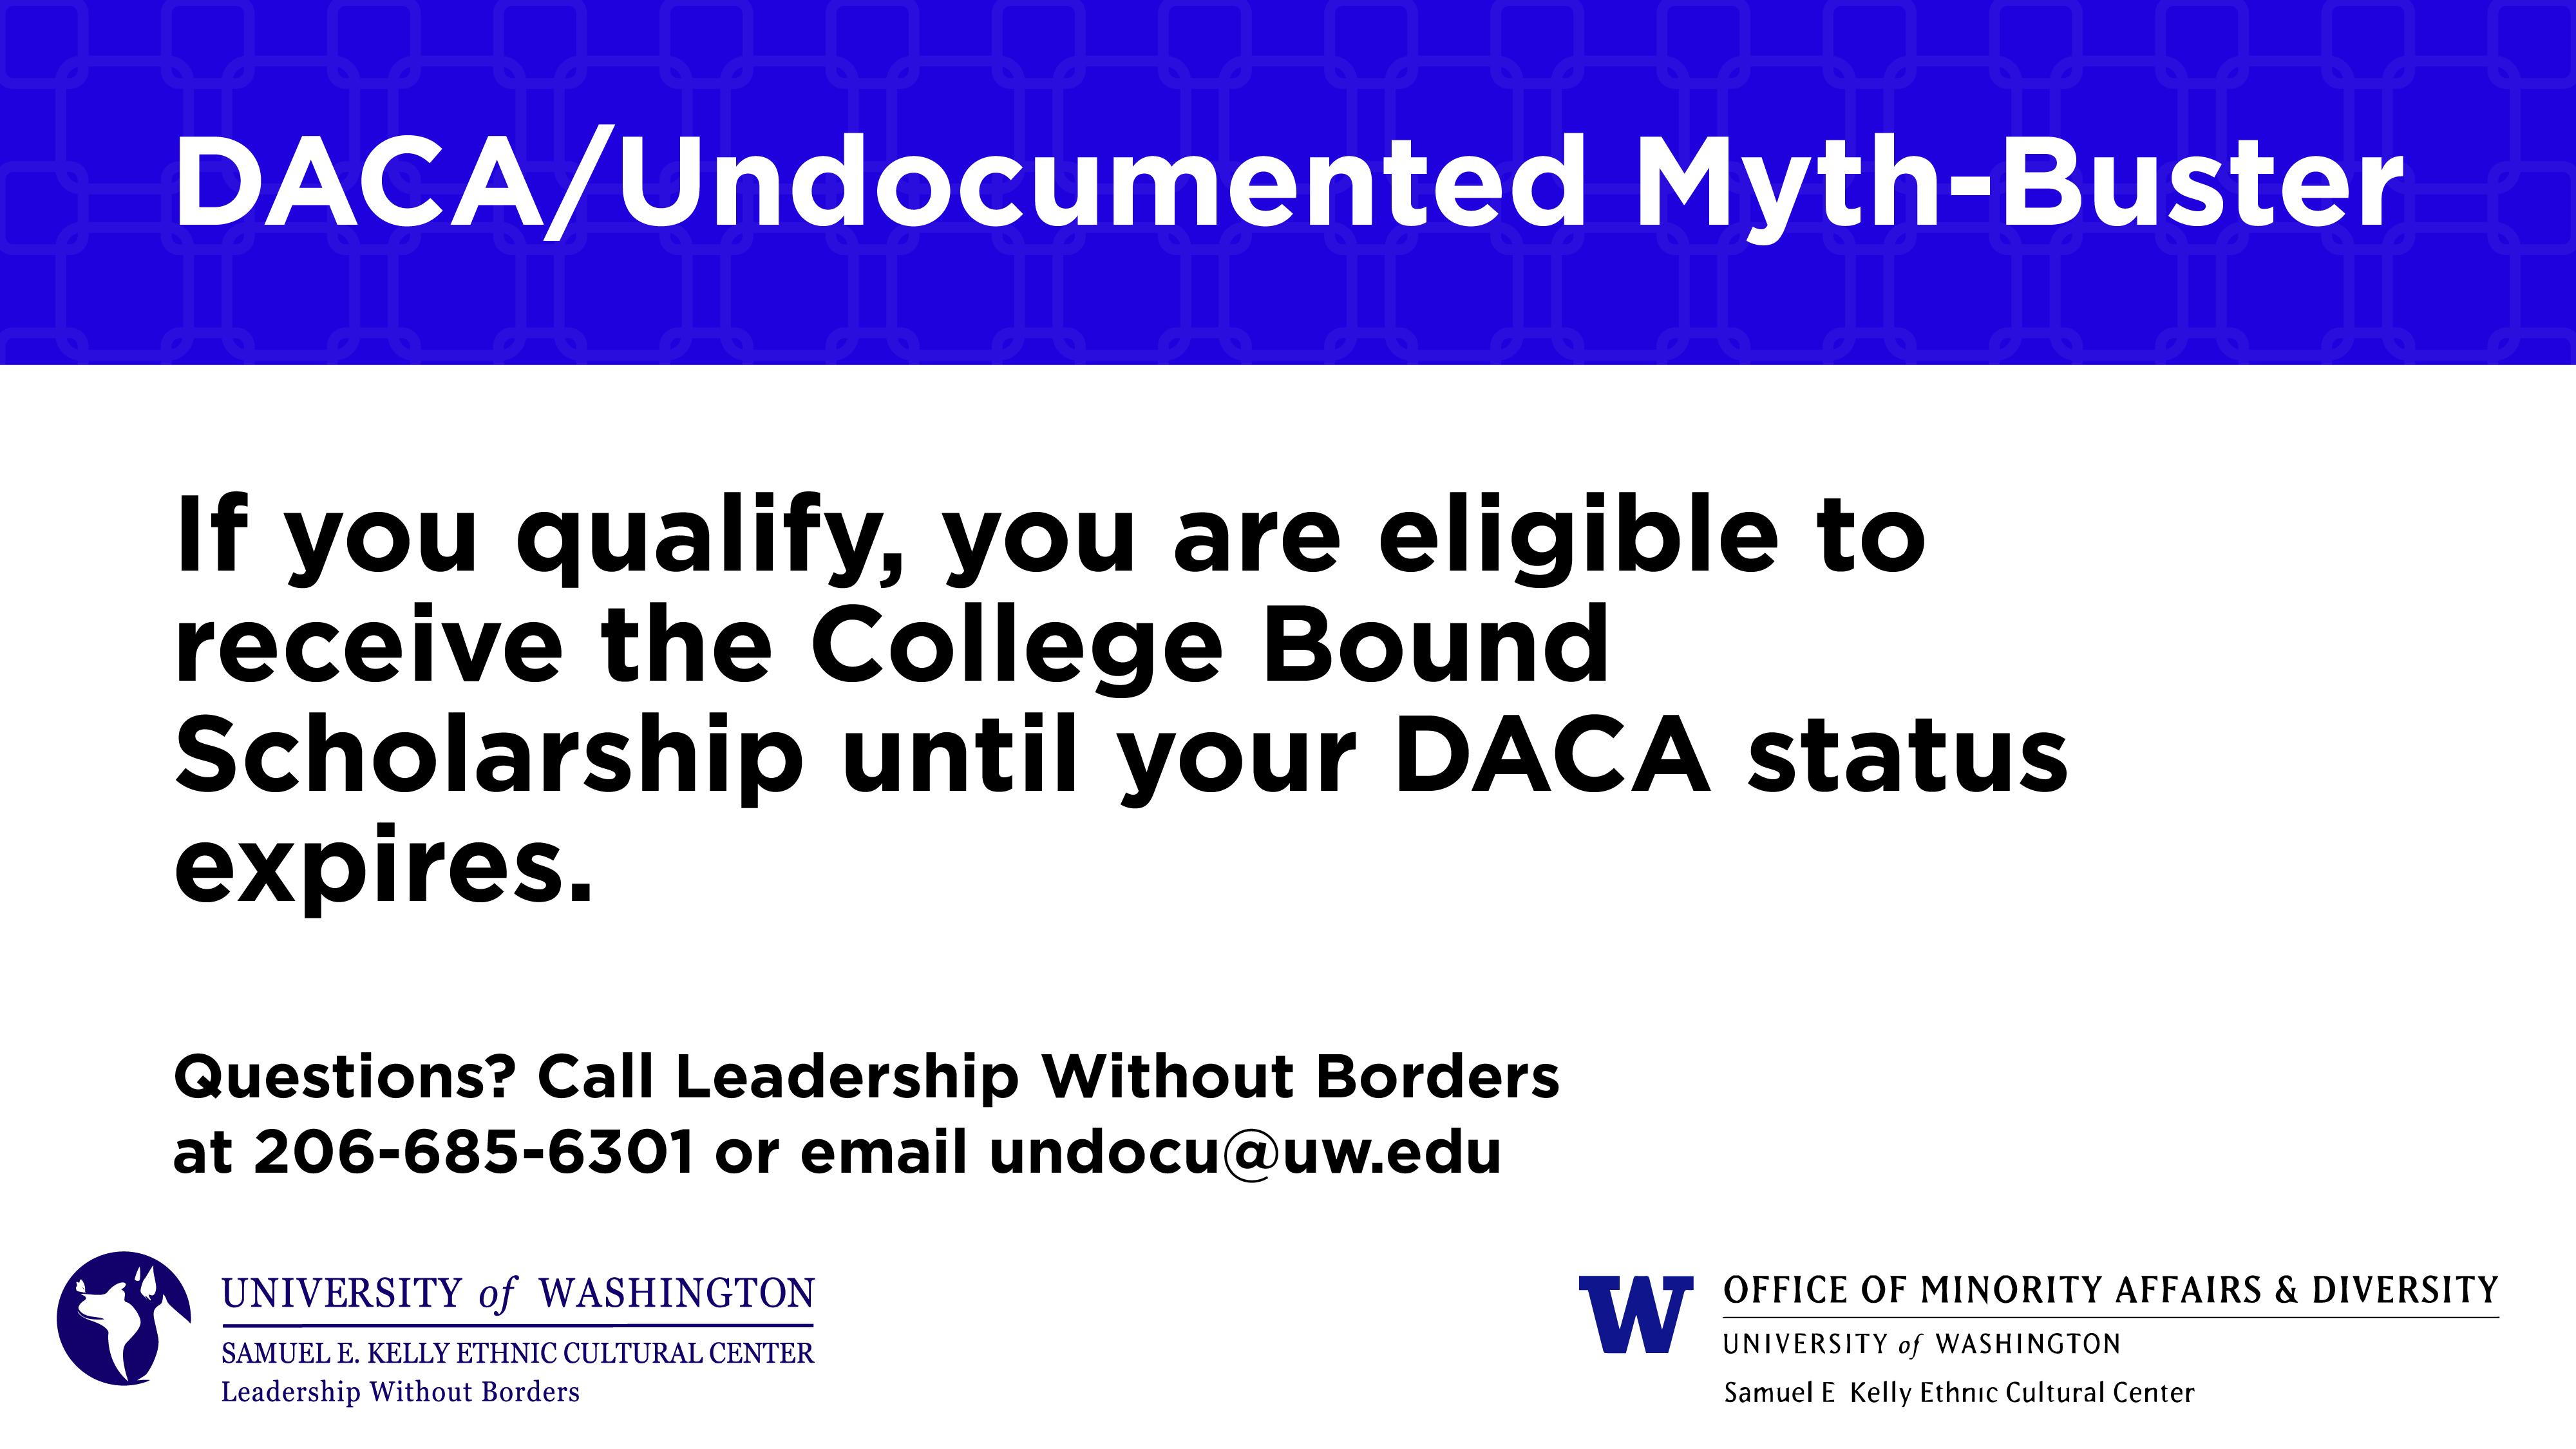 DACA Undocumented Myth-Buster_1